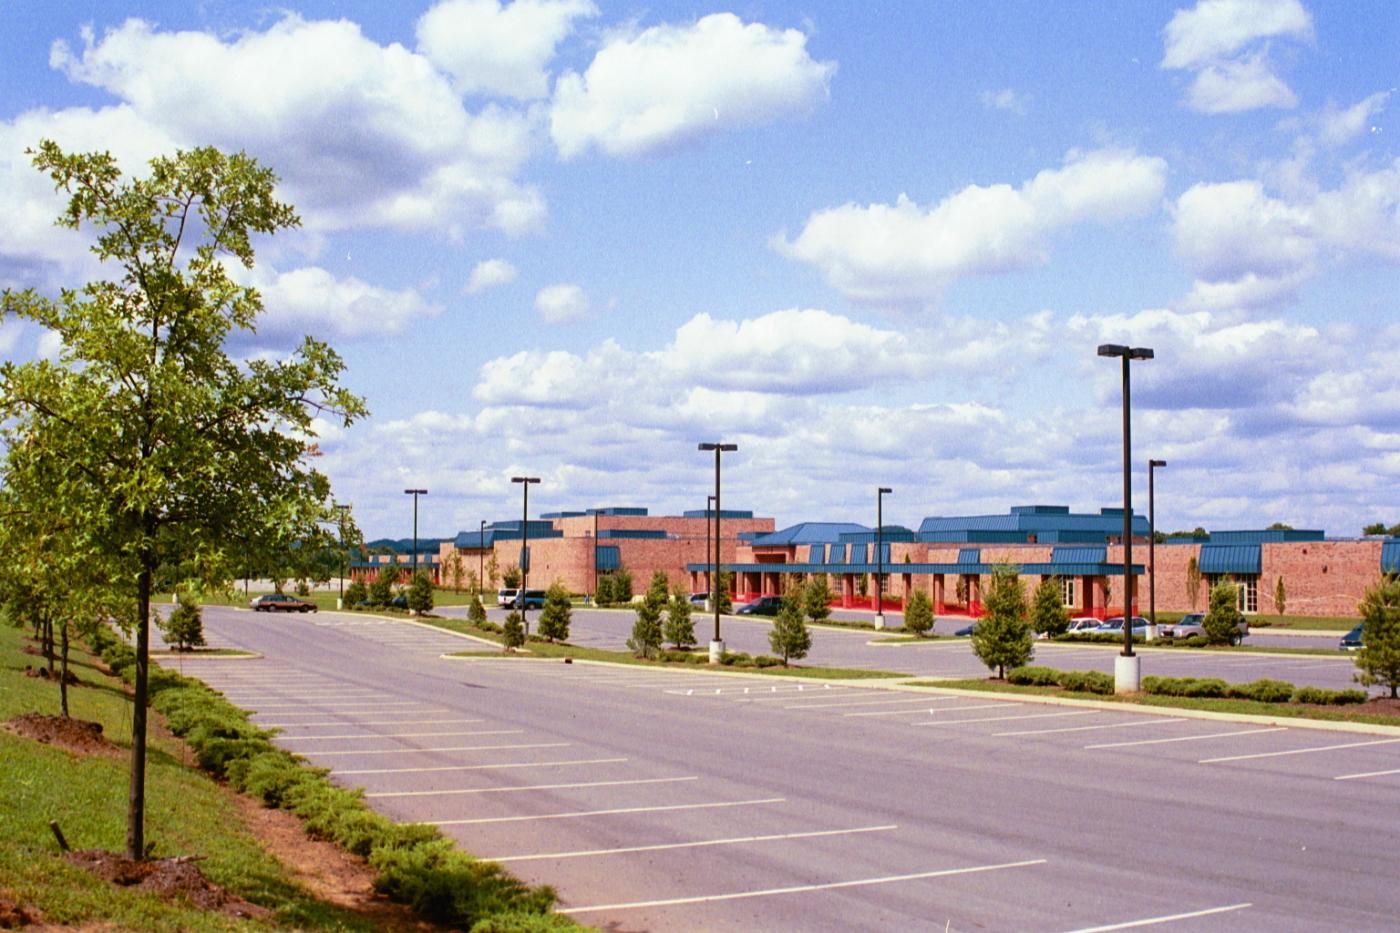 Poplar Grove School